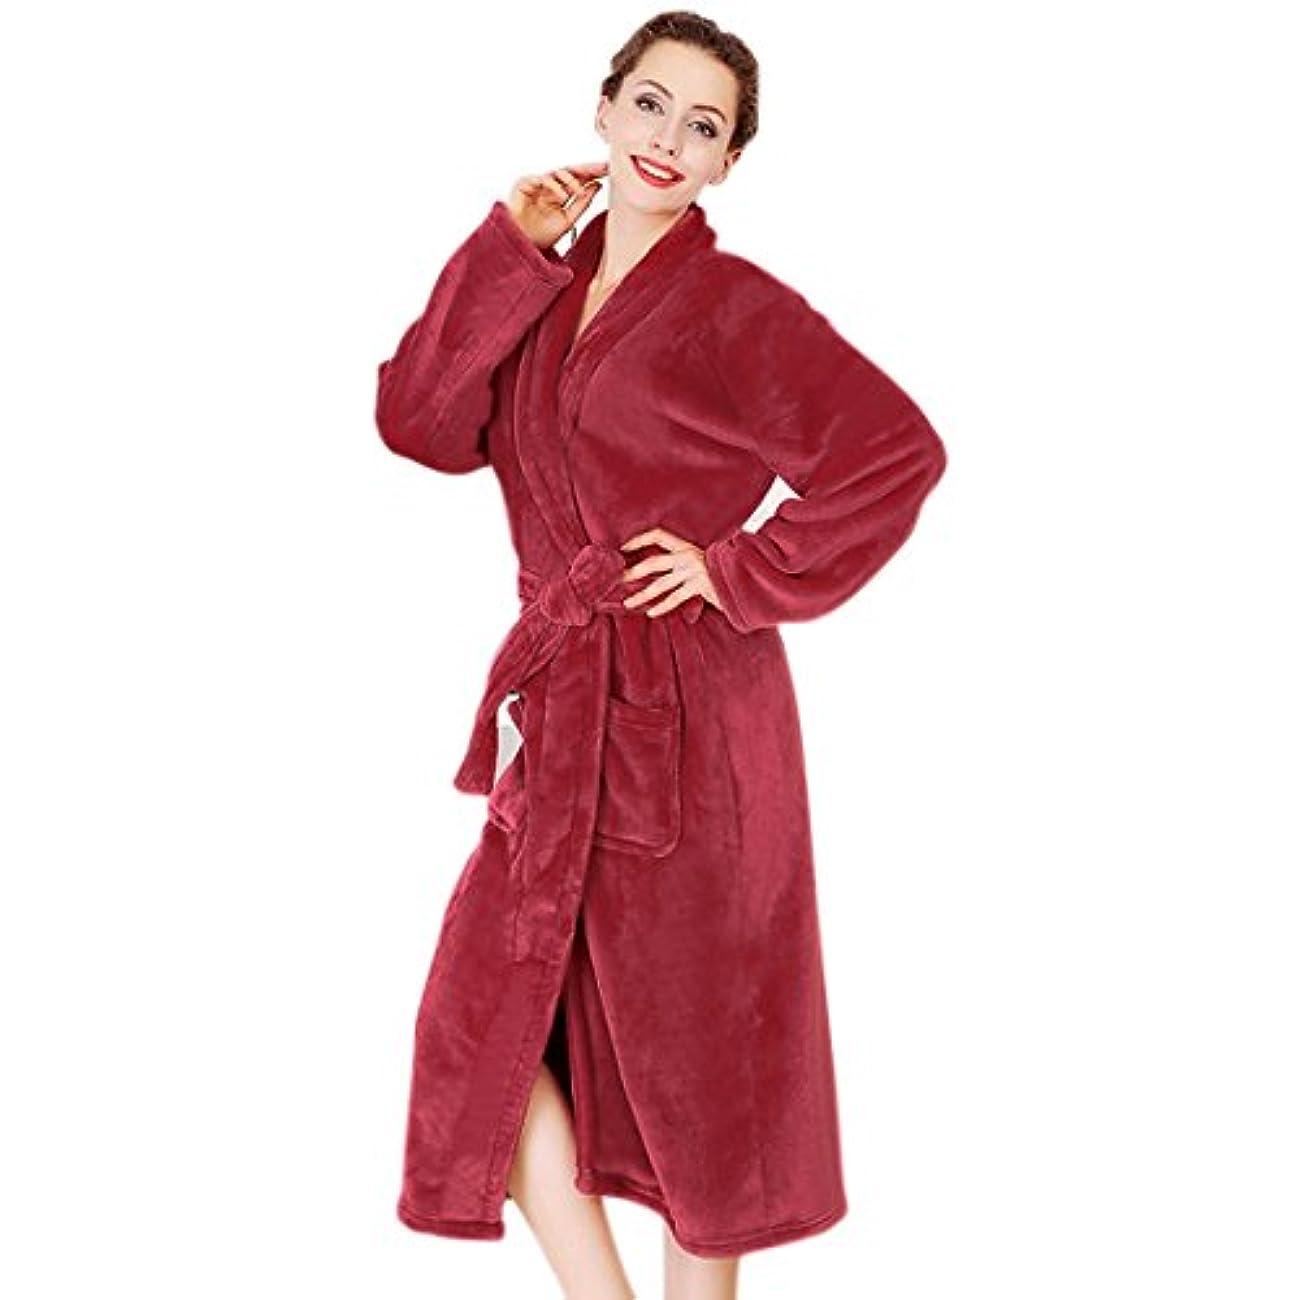 変更可能バナー明らか(Baoxinjp)メンズ レディース パジャマ バスローブ カップル ガウン 部屋着 寝巻き 可愛い 人気 長袖 お風呂上り 男女兼用 新婚祝い ルームウエア フリーサイズ